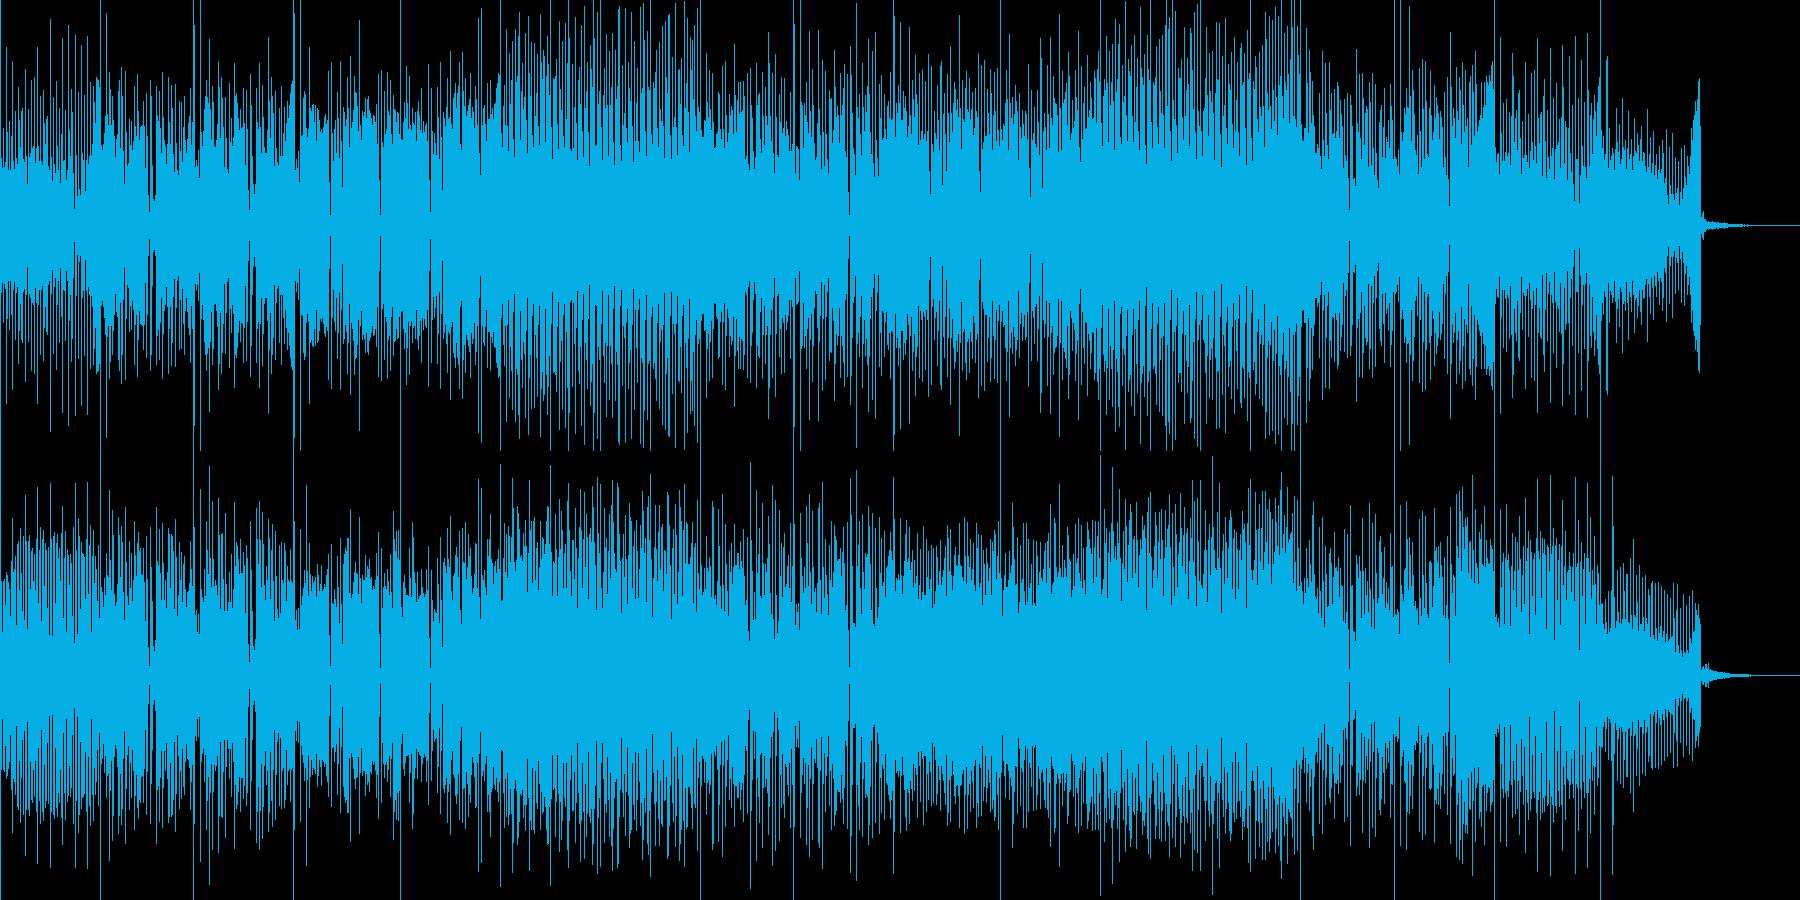 激しいリズムに切ないメロディが融合した曲の再生済みの波形